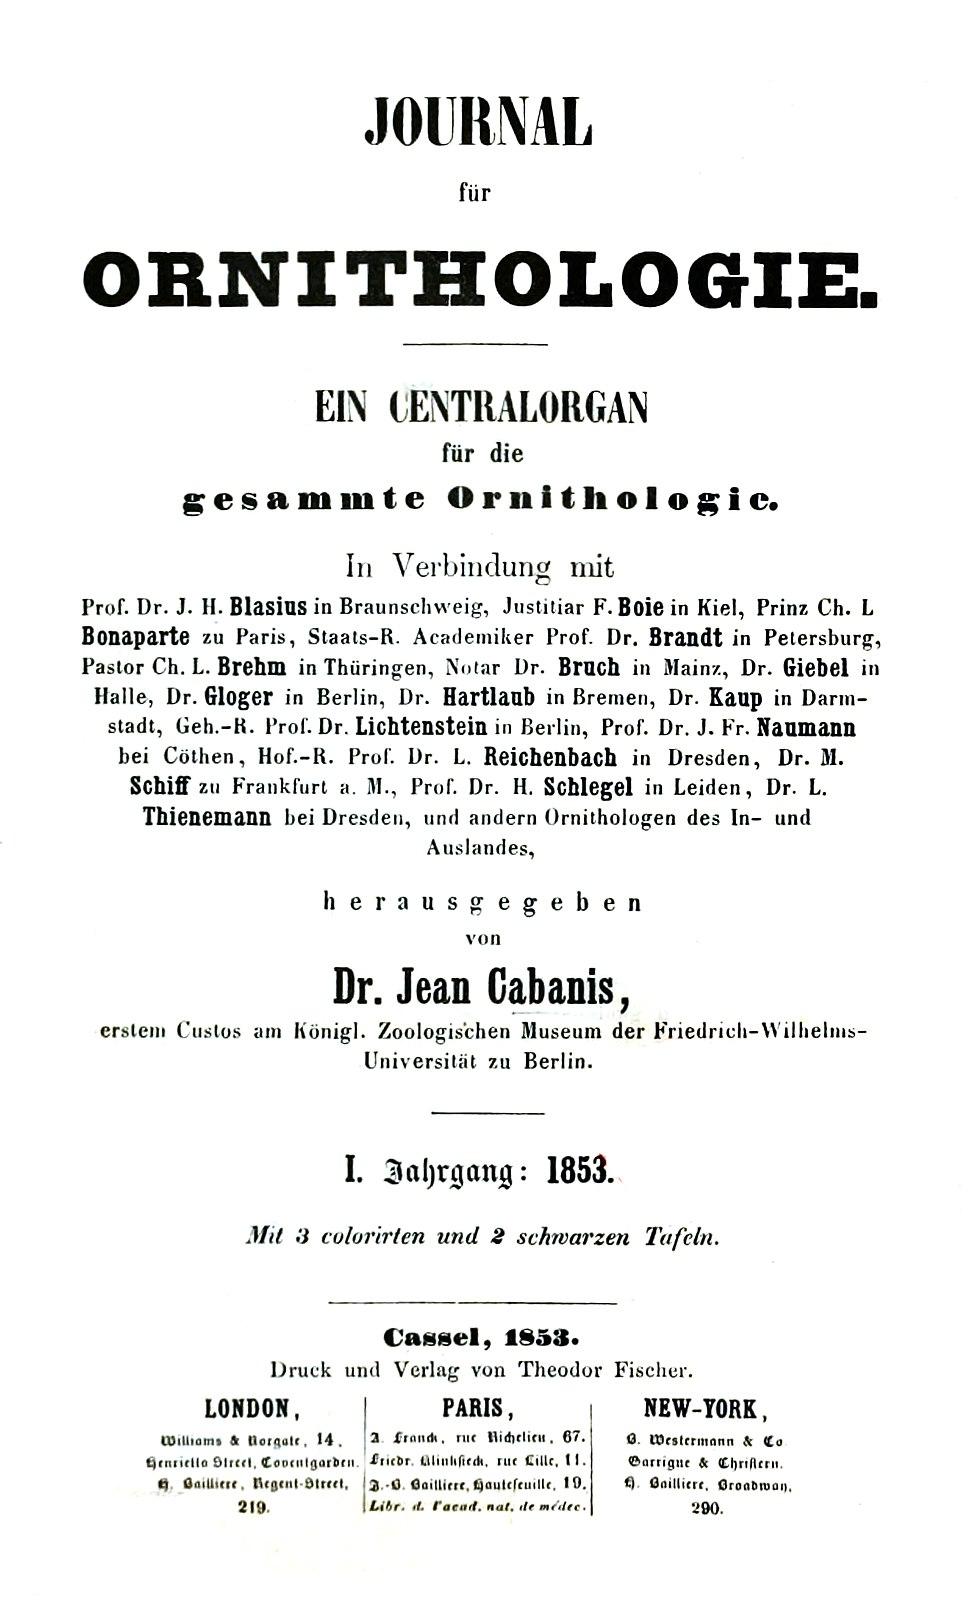 J of Ornithologie 1853